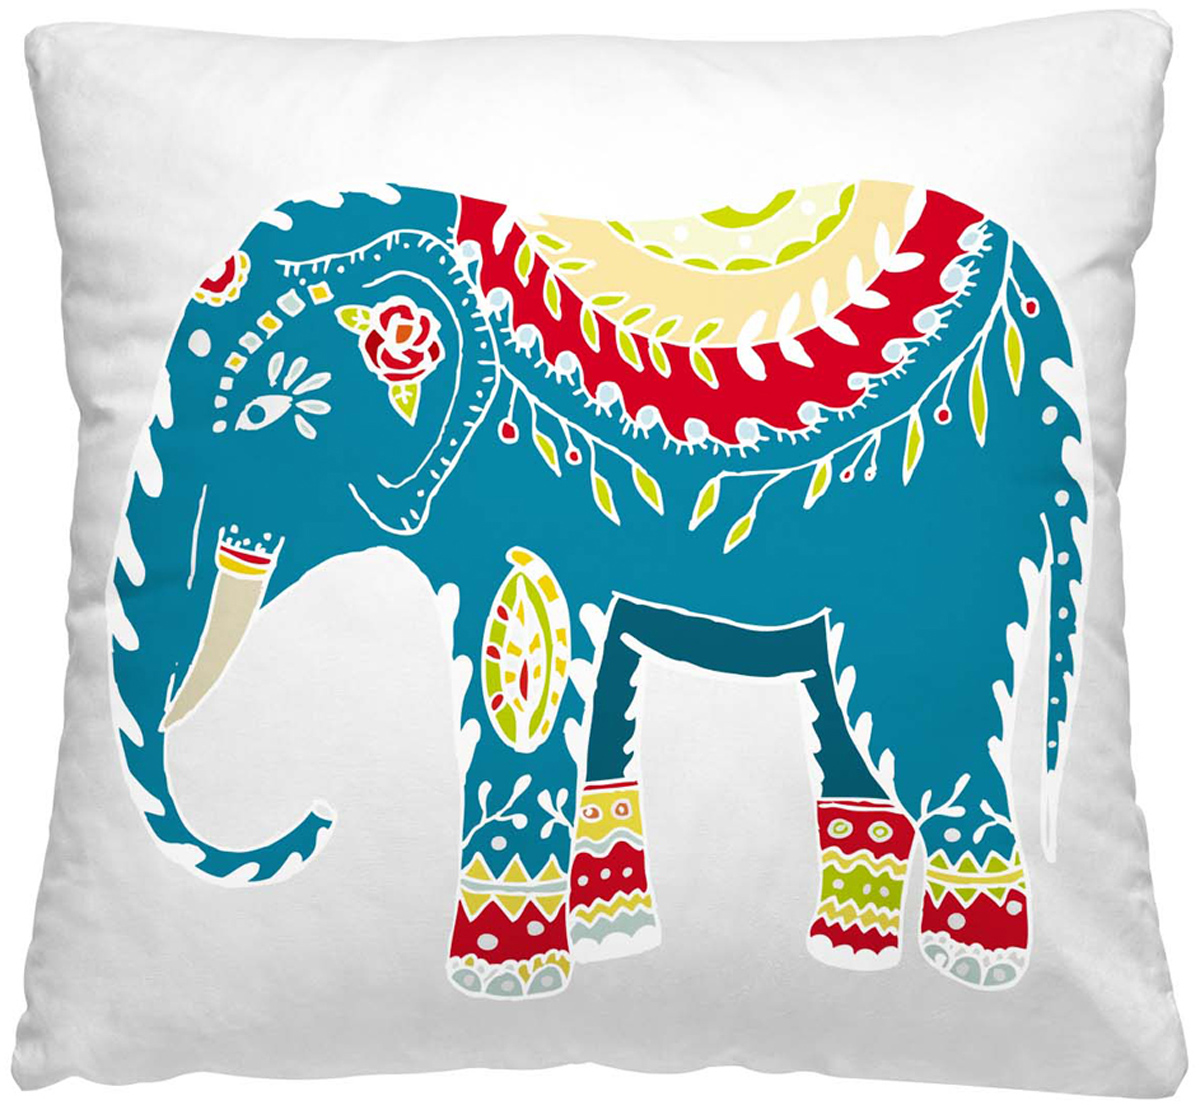 """Декоративная подушка Волшебная ночь """"Индийский слон"""" прекрасно дополнит интерьер спальни или гостиной. Чехол подушки выполнен из 100% полиэстера.  Лицевая сторона украшена красивым рисунком. Наполнитель - полиэстер.Красивая подушка создаст атмосферу уюта в доме и станет прекрасным  элементом декора. Особенности изделия: - Съёмный чехол на молнии; - Наполнитель в индивидуальной наволочке; - Оборотная сторона из стёганого полотна для улучшения формоустойчивости.  Размер: 40 x 40 см."""